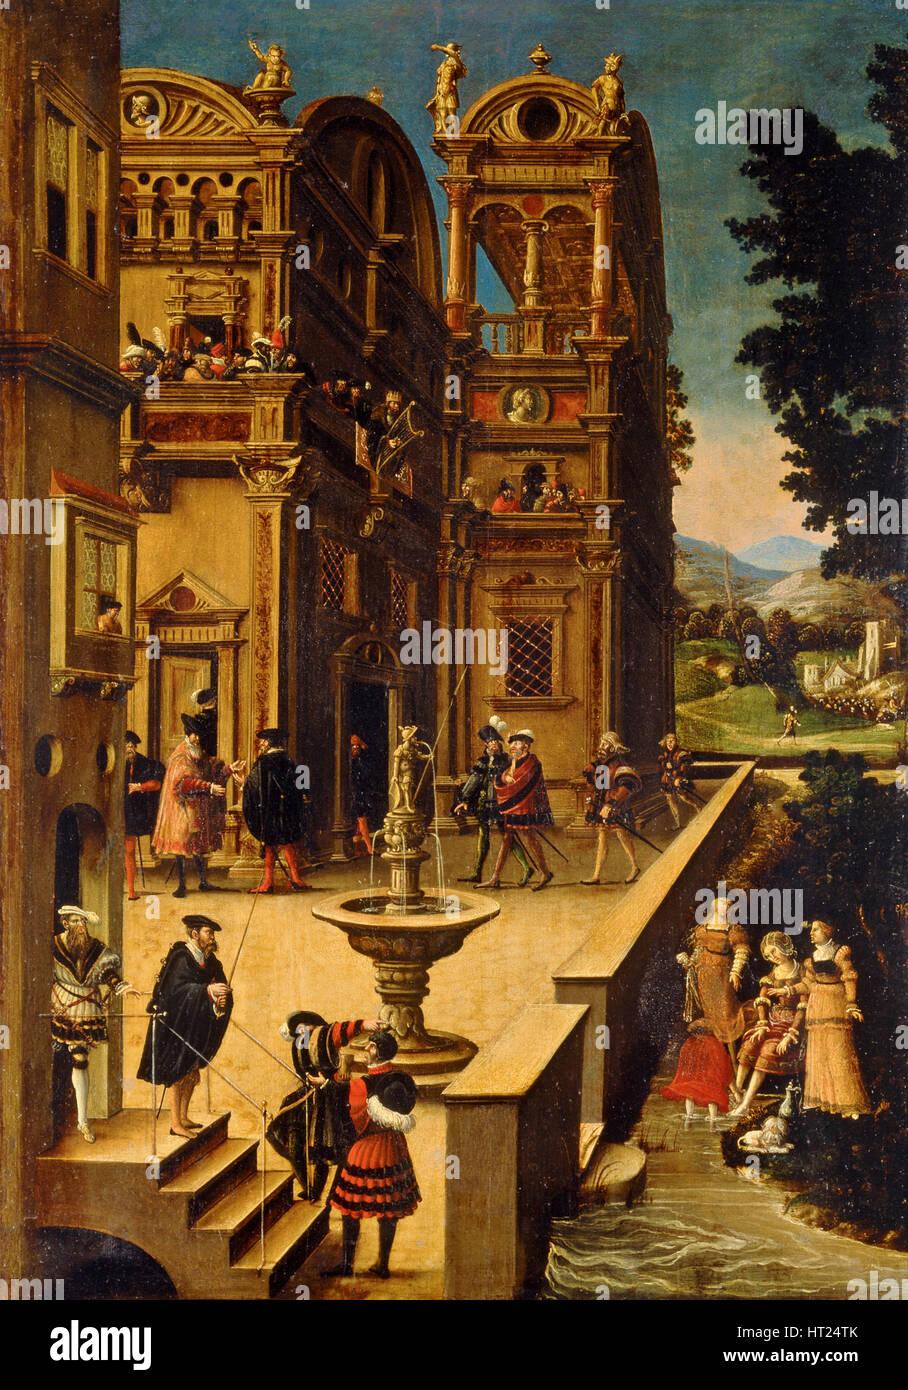 Bathsheba at Her Bath, after 1537. Artist: Beham, Hans Sebald (1500-1550) - Stock Image